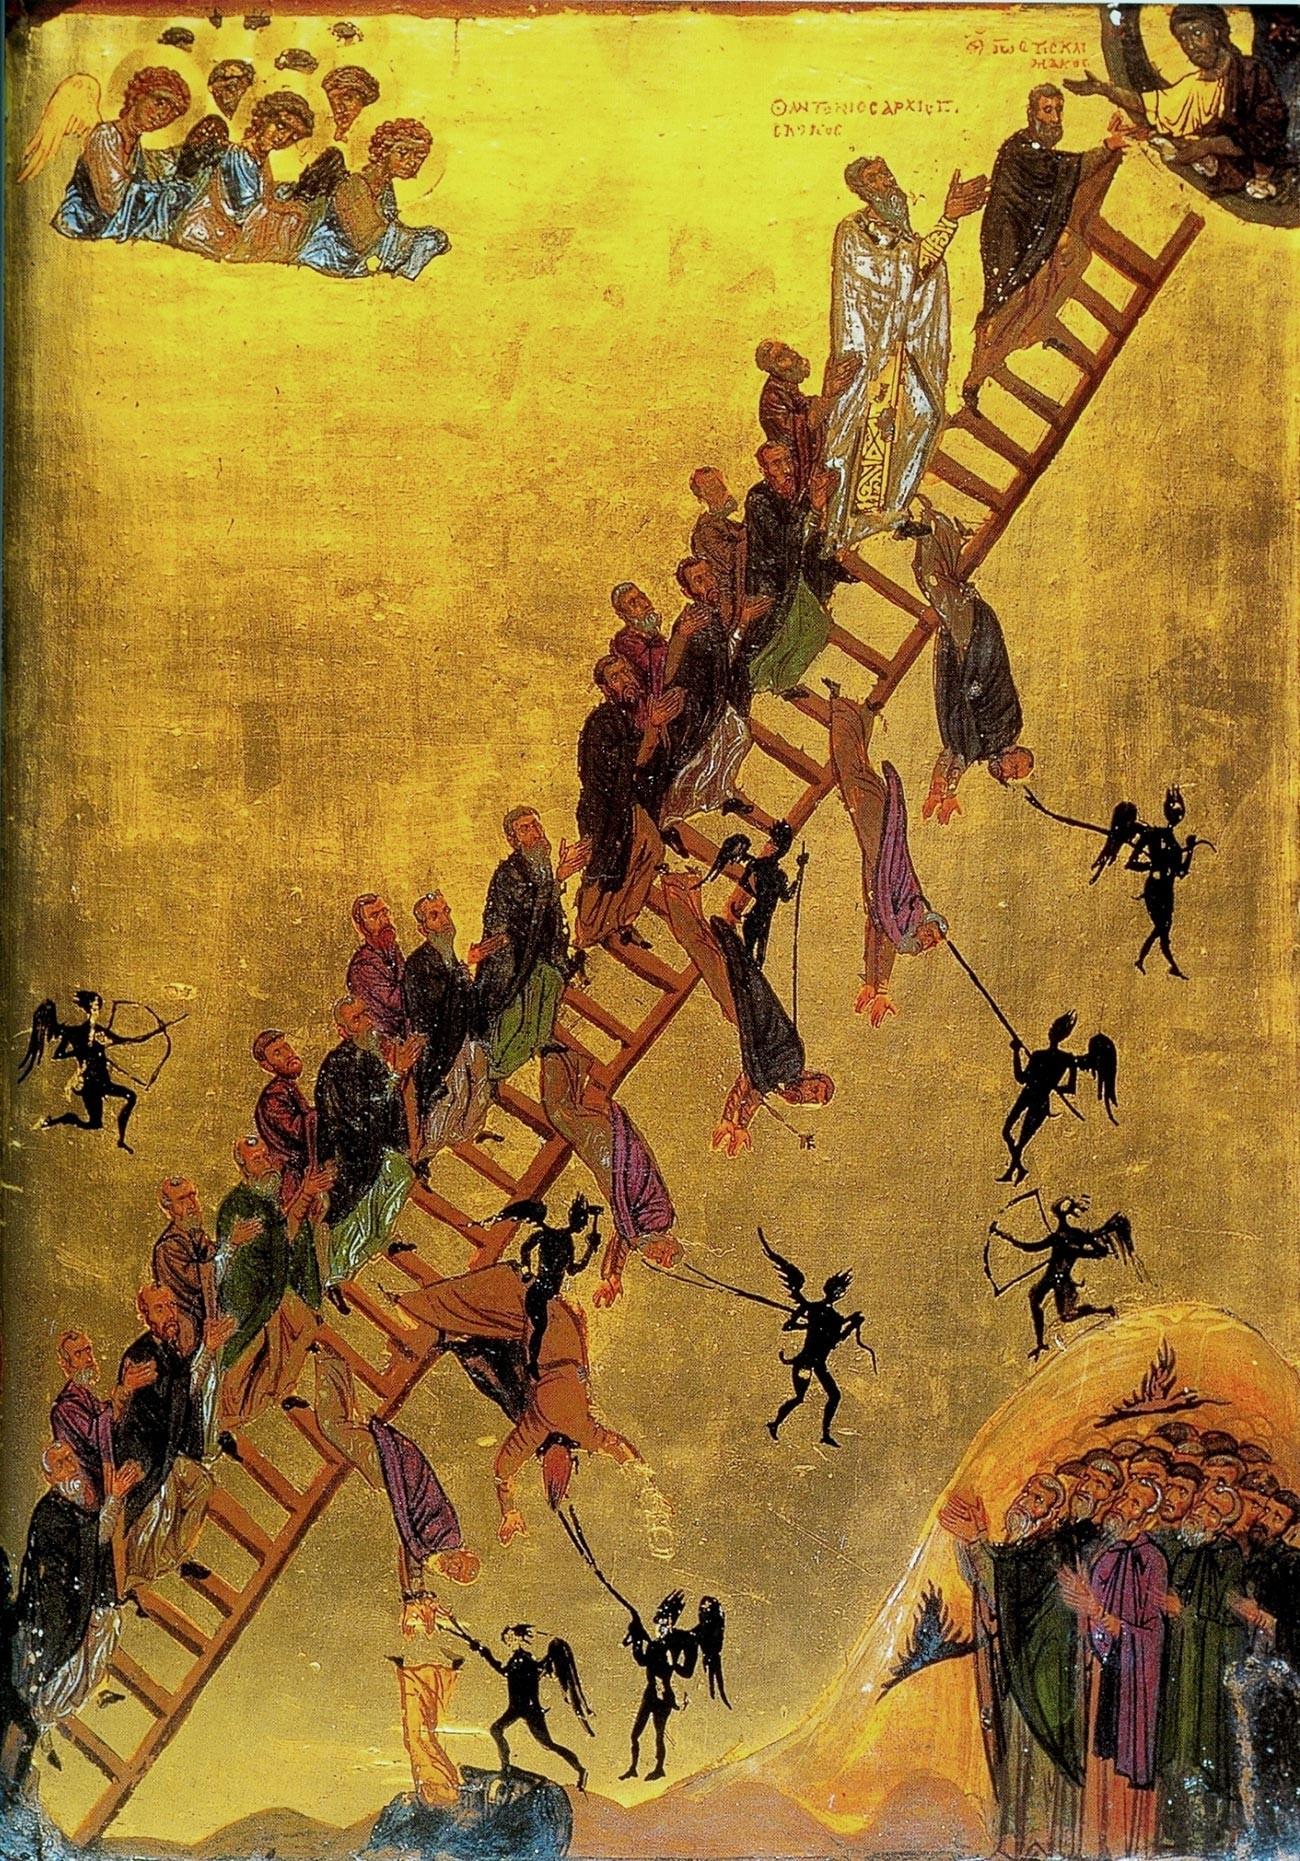 L'icona della Scala dell'Ascesa Divina risalente al XII secolo (Monastero di Santa Caterina, Penisola del Sinai, Egitto) che mostra dei monaci, guidati da Giovanni Climaco, che salgono la scala verso Gesù, in alto a destra